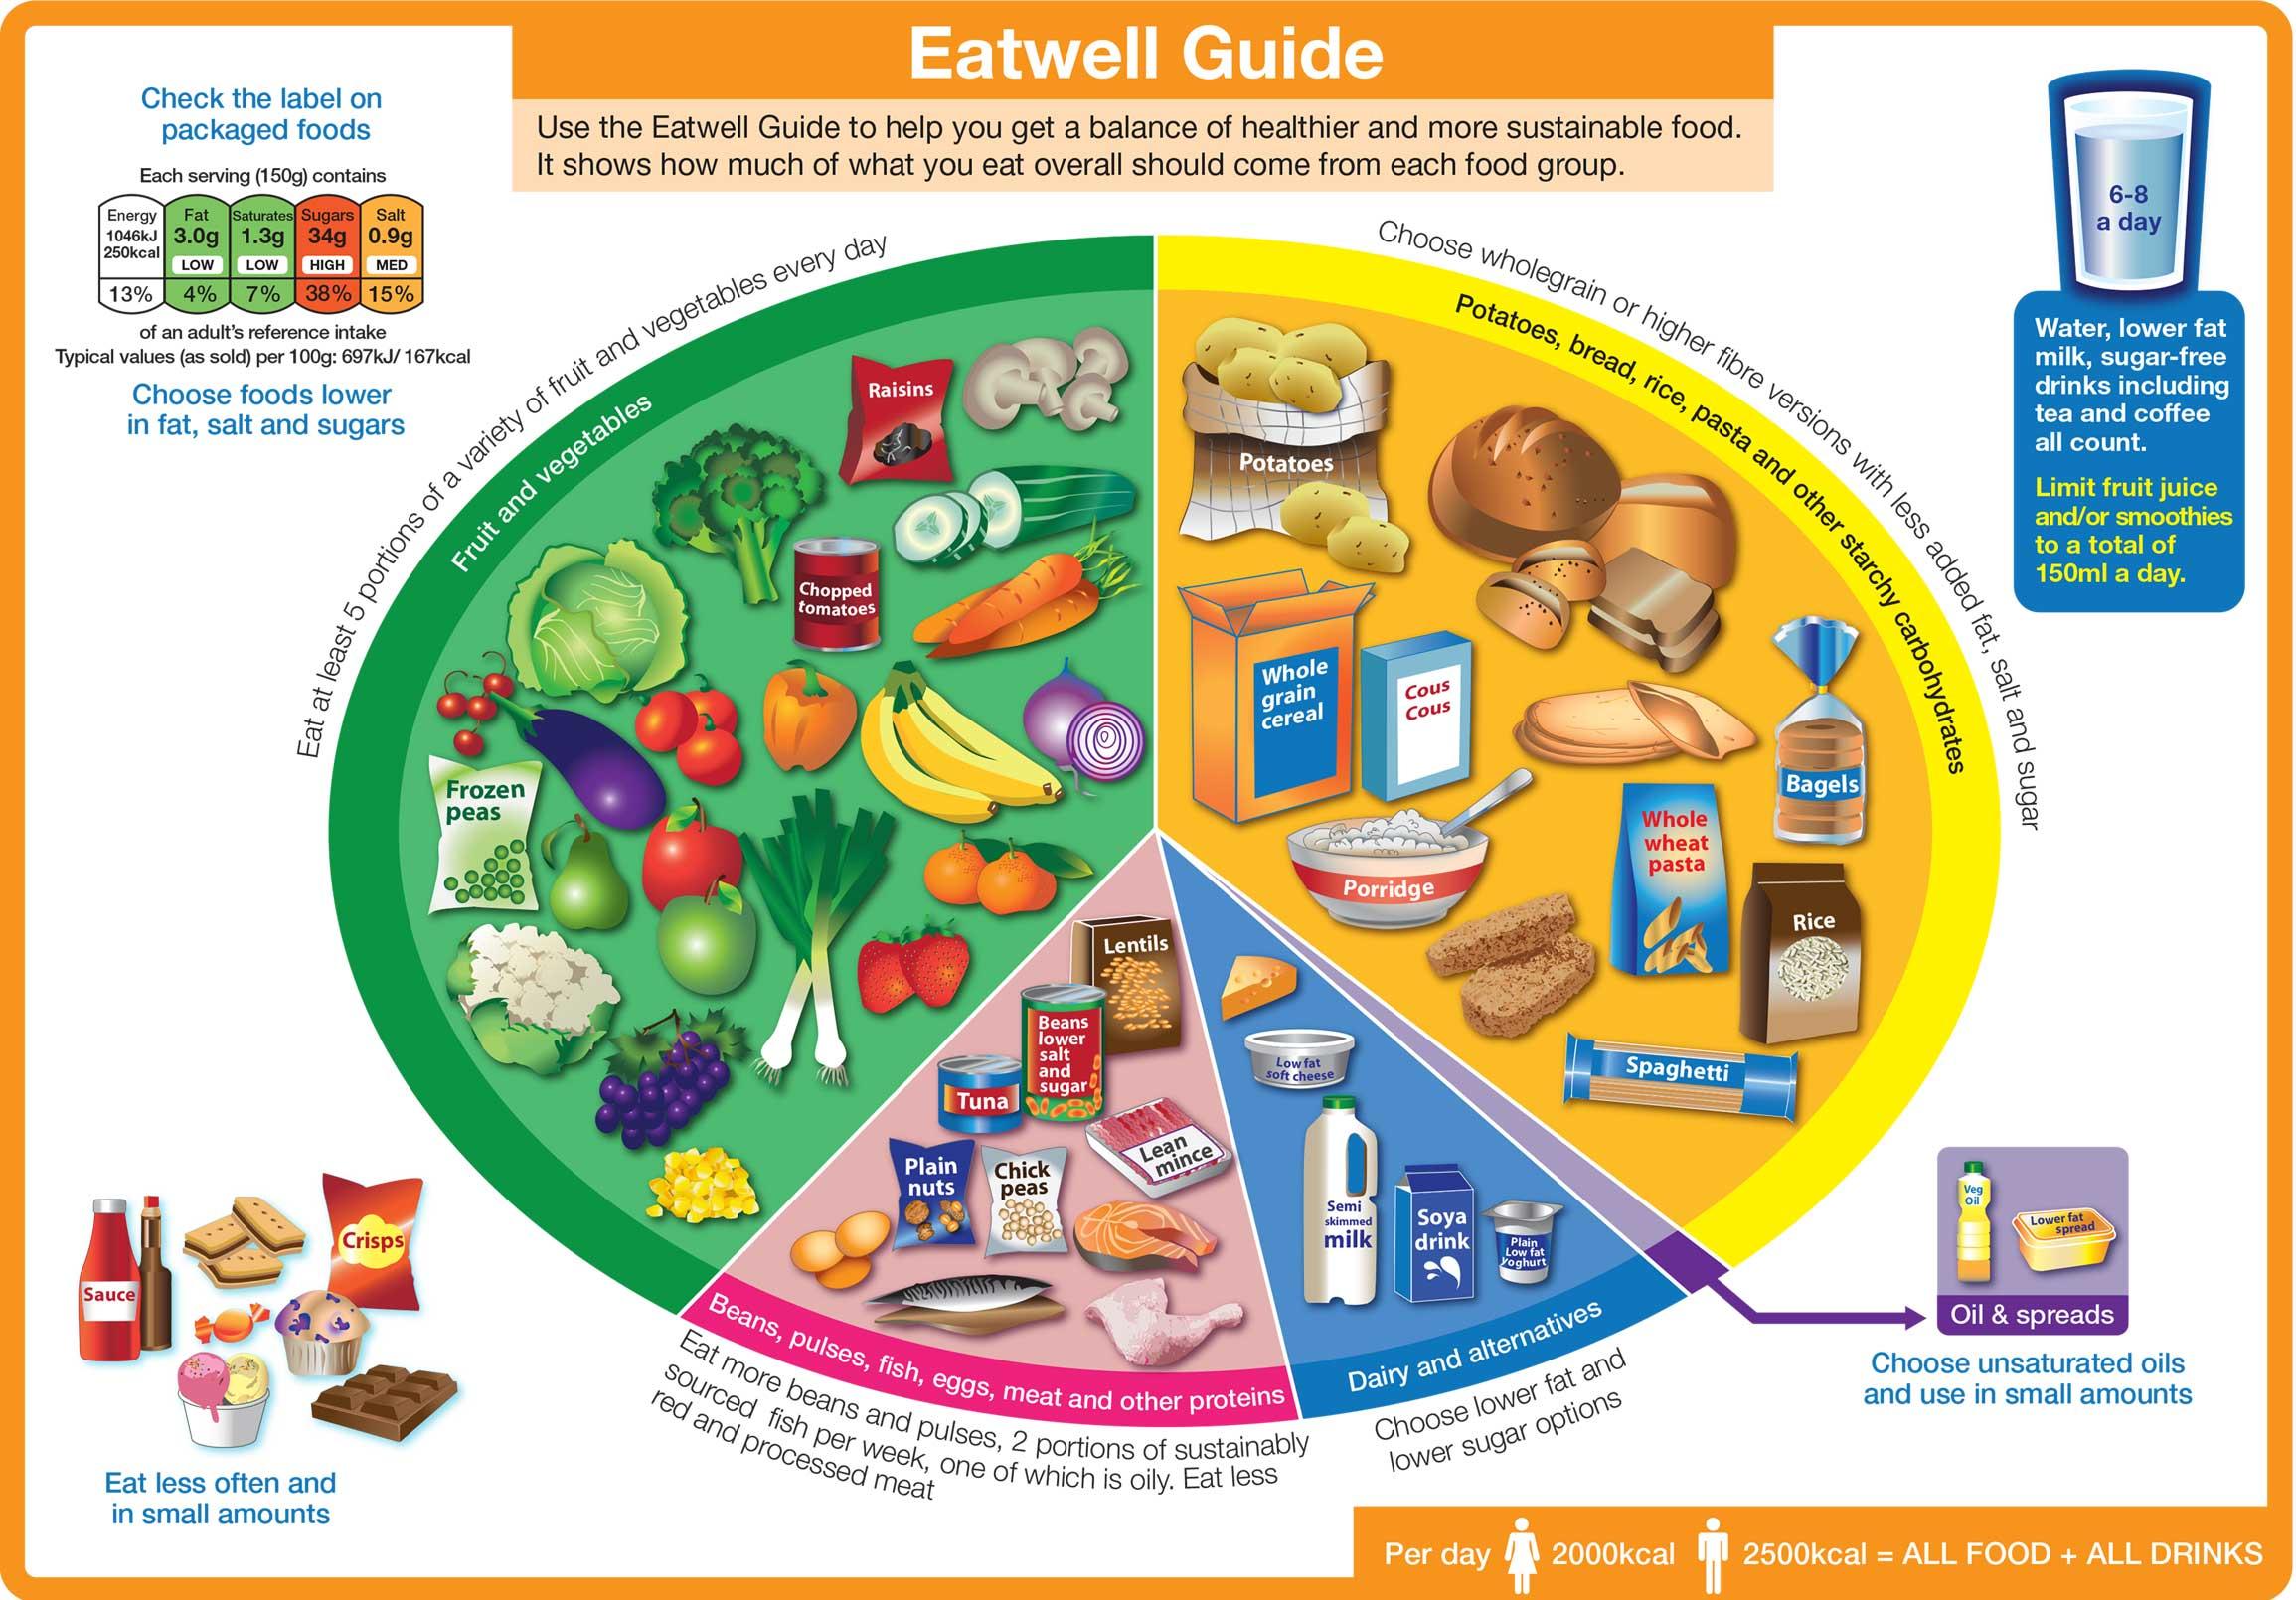 huidige aanbevelingen gezond voedsel van het VK in een taartdiagram: de Eatwell guide